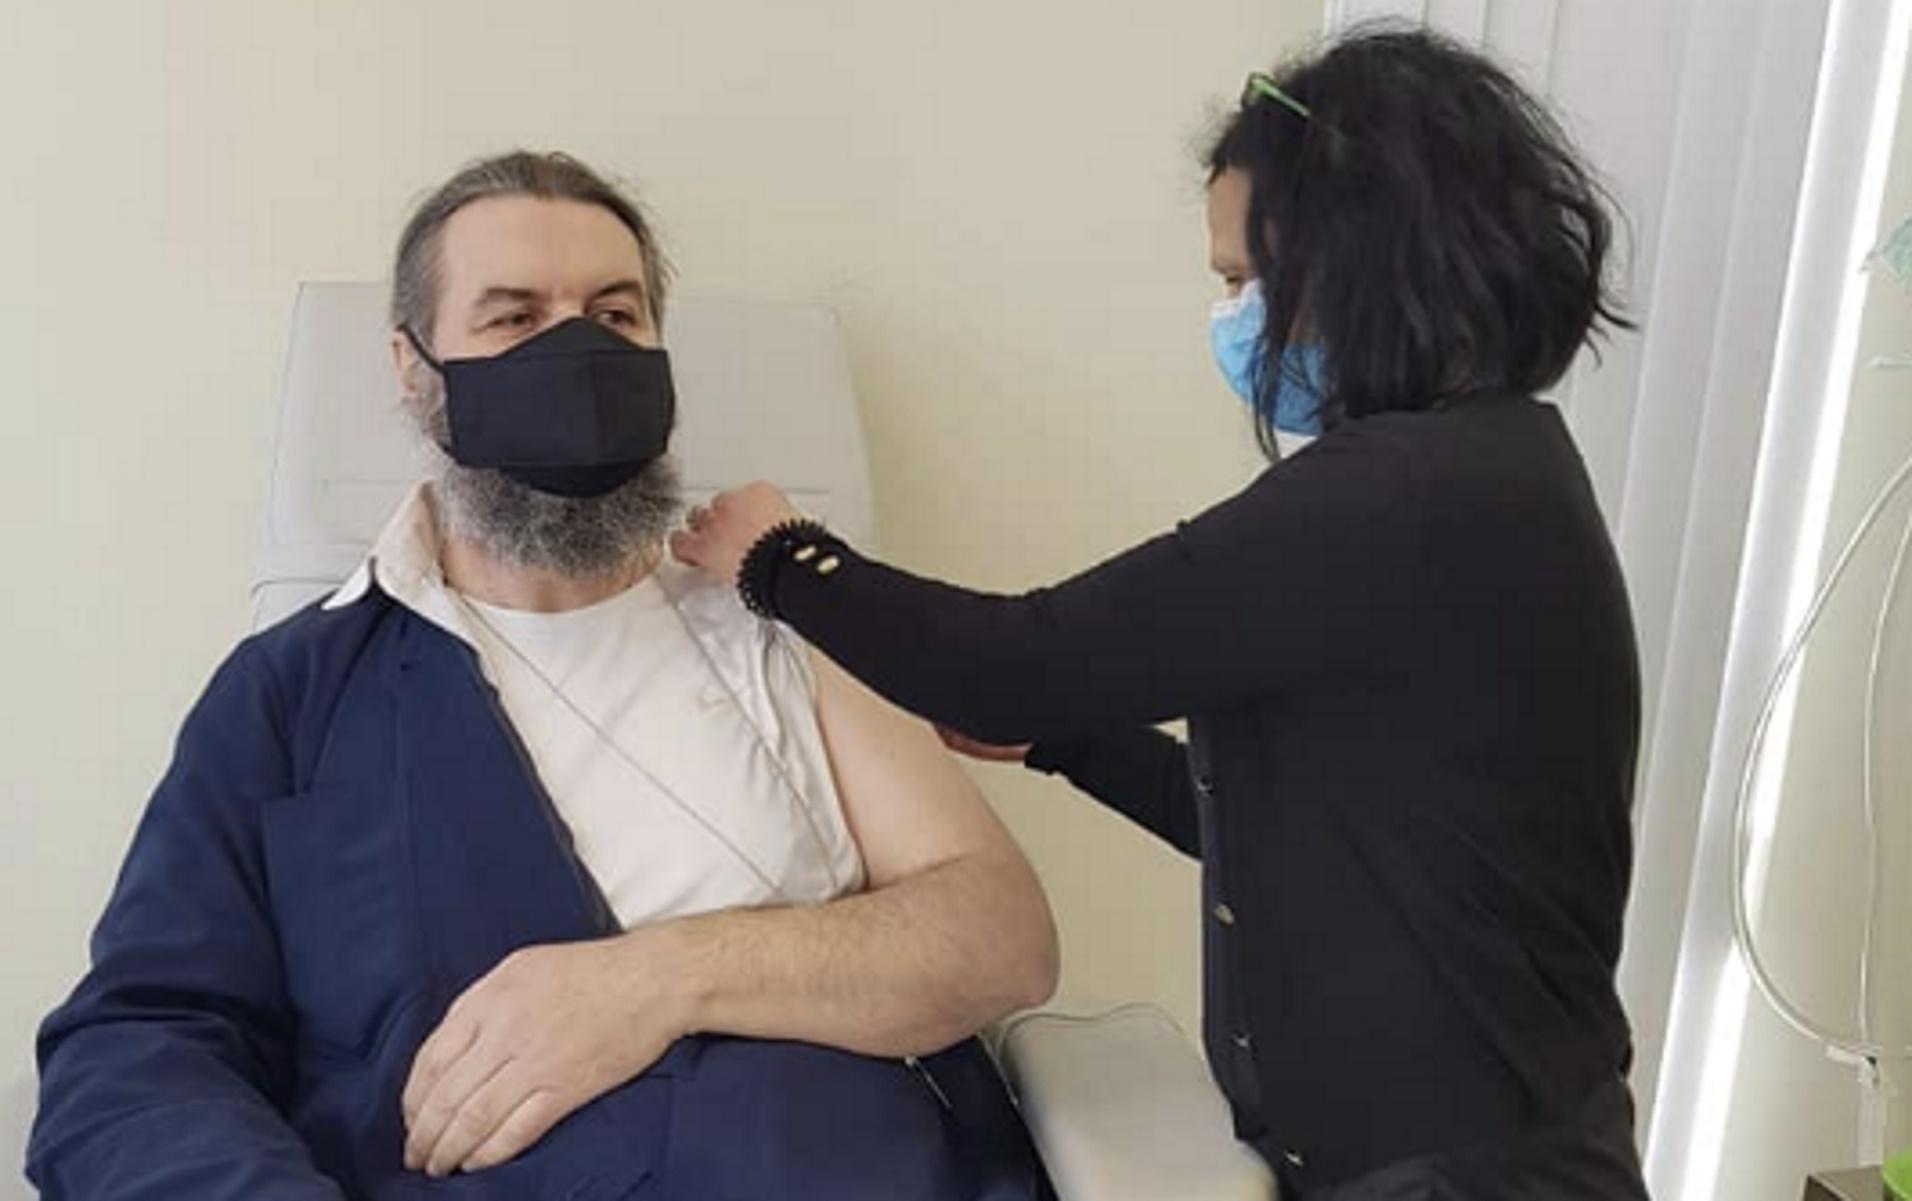 Εμβολιάστηκε στην Πτολεμαΐδα ο π. Αθανάσιος Καμπούρης στέλνοντας μήνυμα – «Επιτέλους ανοσία στην ανοησία» (video)